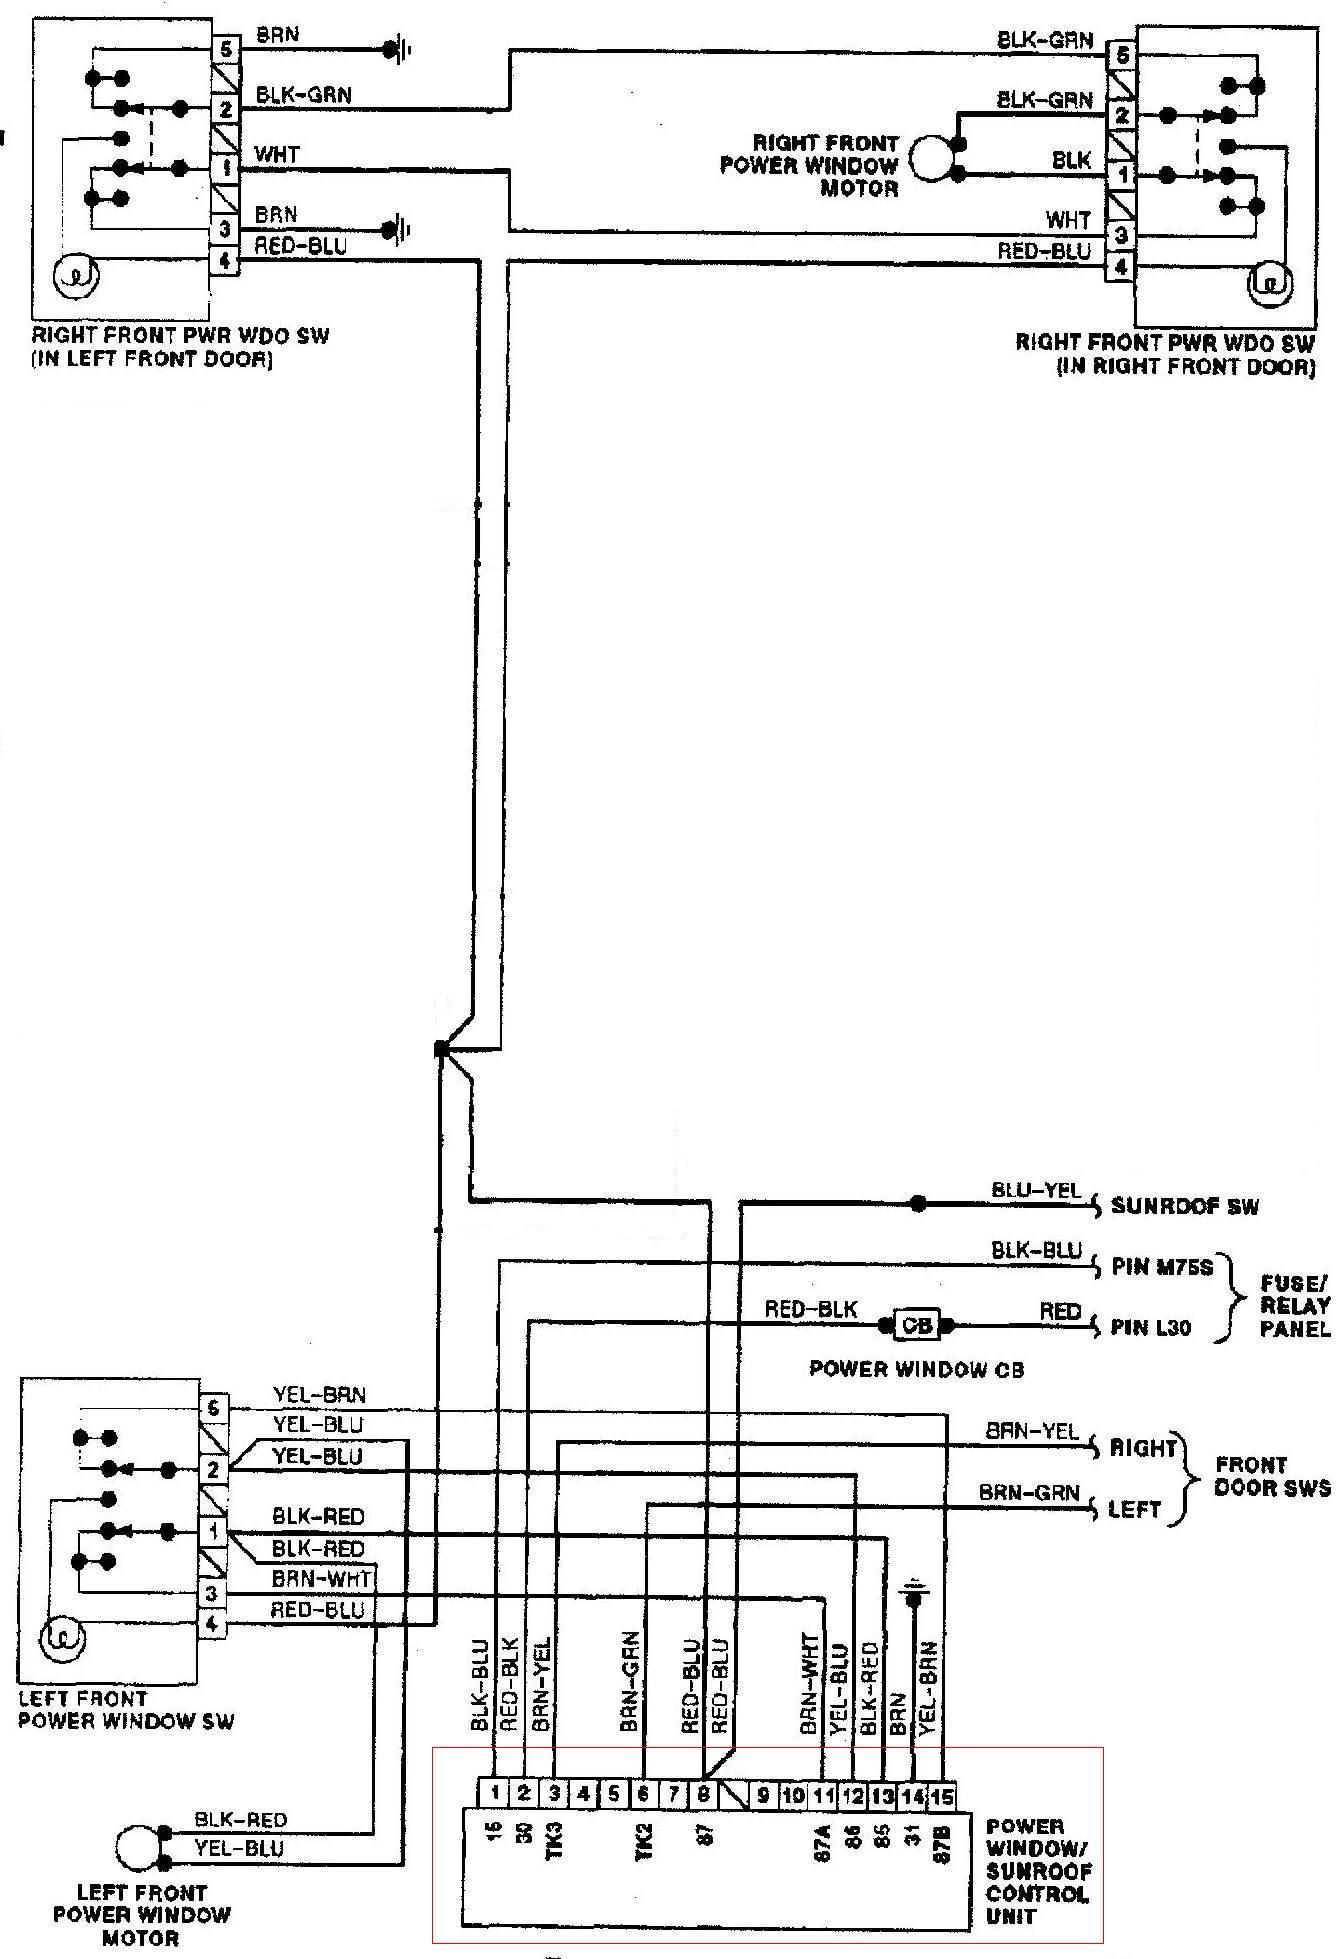 Pod�aczenie modu�u domykania szyb audi 80 B3